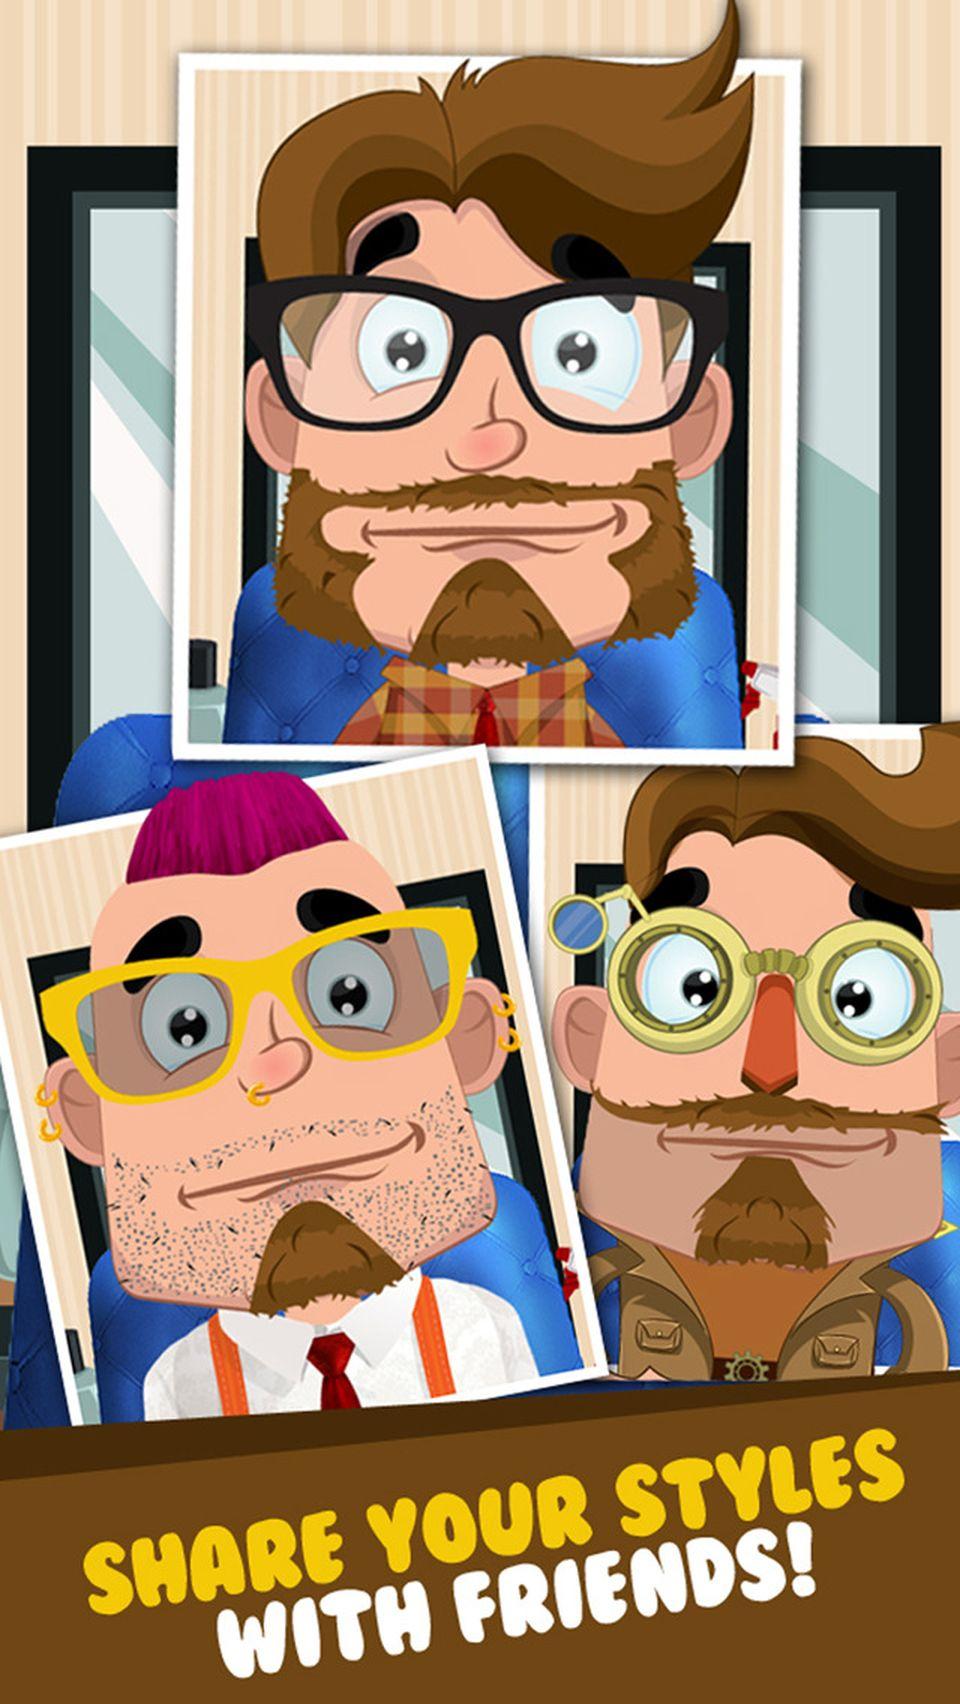 Beautiful barbe jeu de salon coupe cheveux jeux gratuits - Jeux de salon de toilettage pour animaux gratuit ...